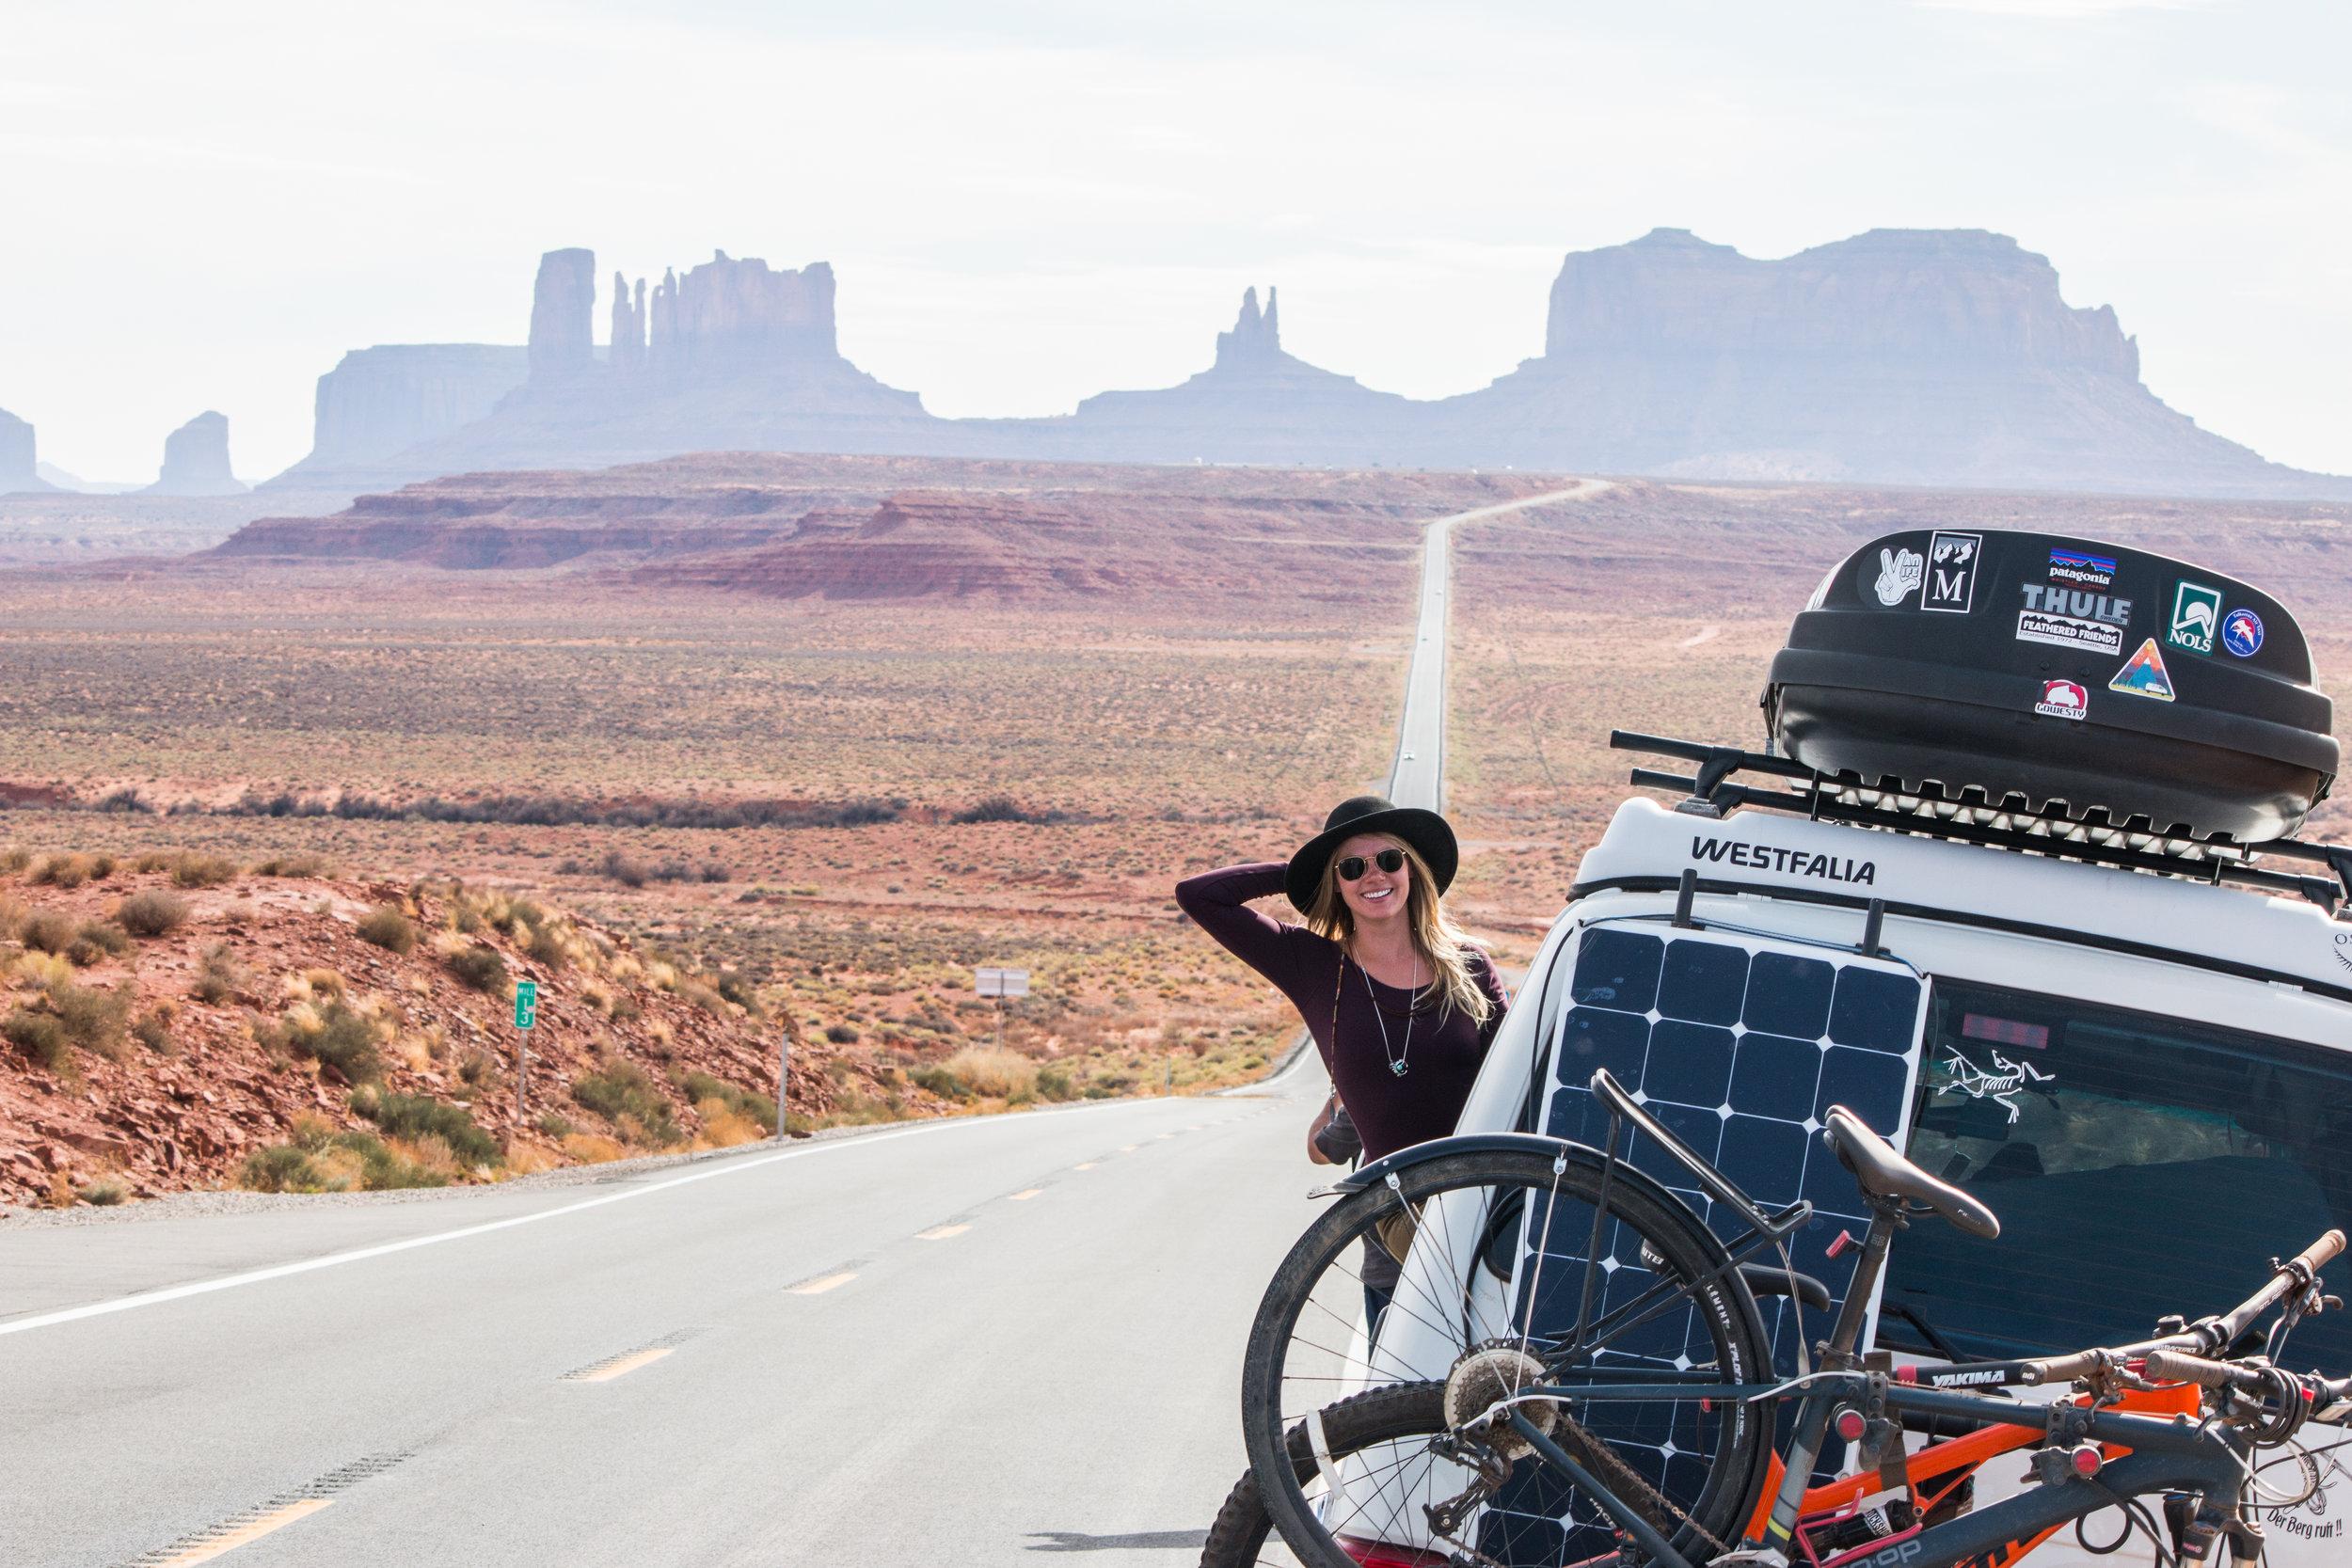 Desert_road-30.jpg